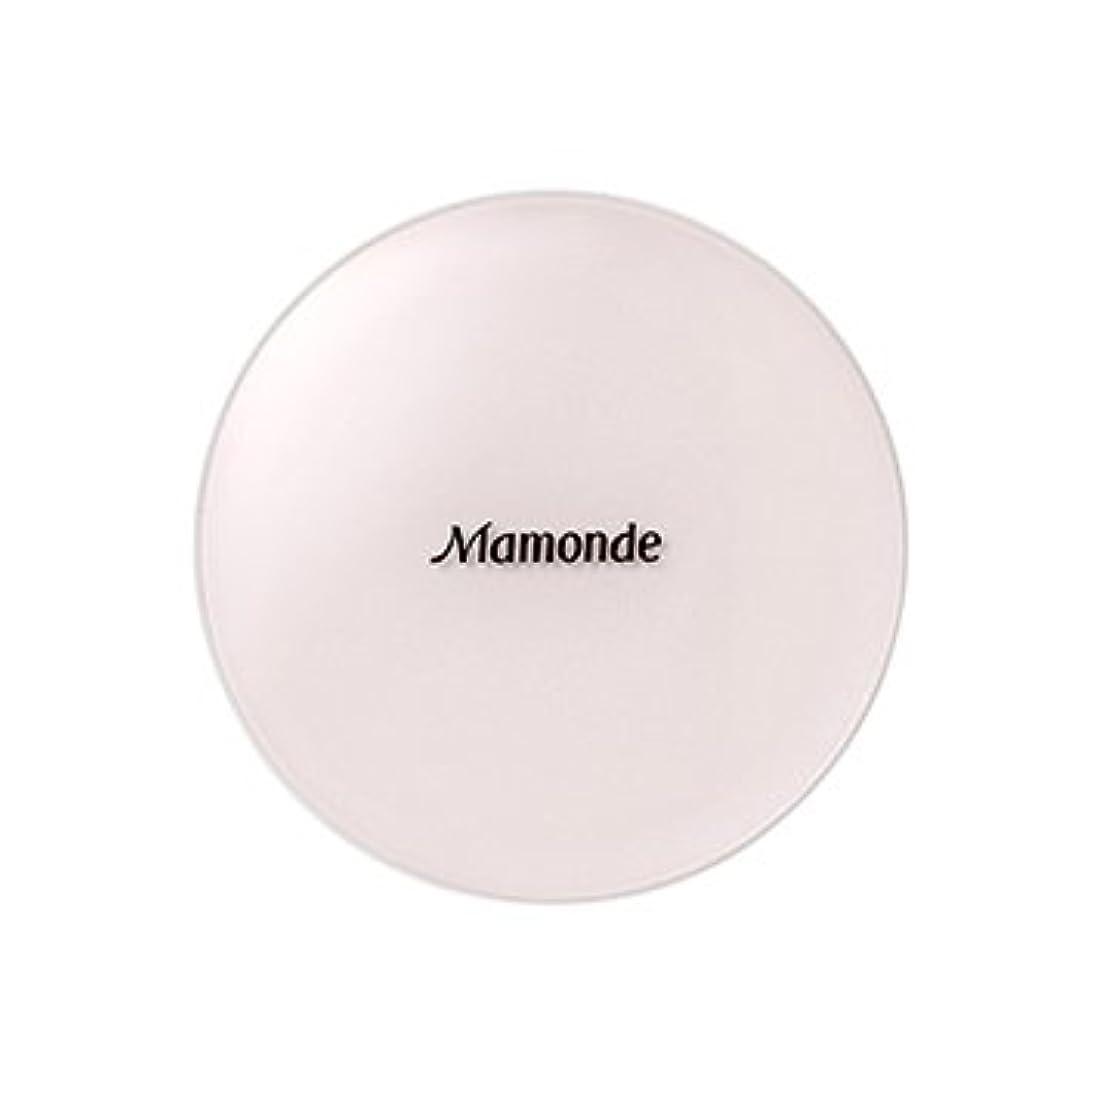 じゃない悲しむ請う[New] Mamonde Brightening Cover Ampoule Cushion 15g/マモンド ブライトニング カバー アンプル クッション 15g (#21C Medium Peach) [並行輸入品]